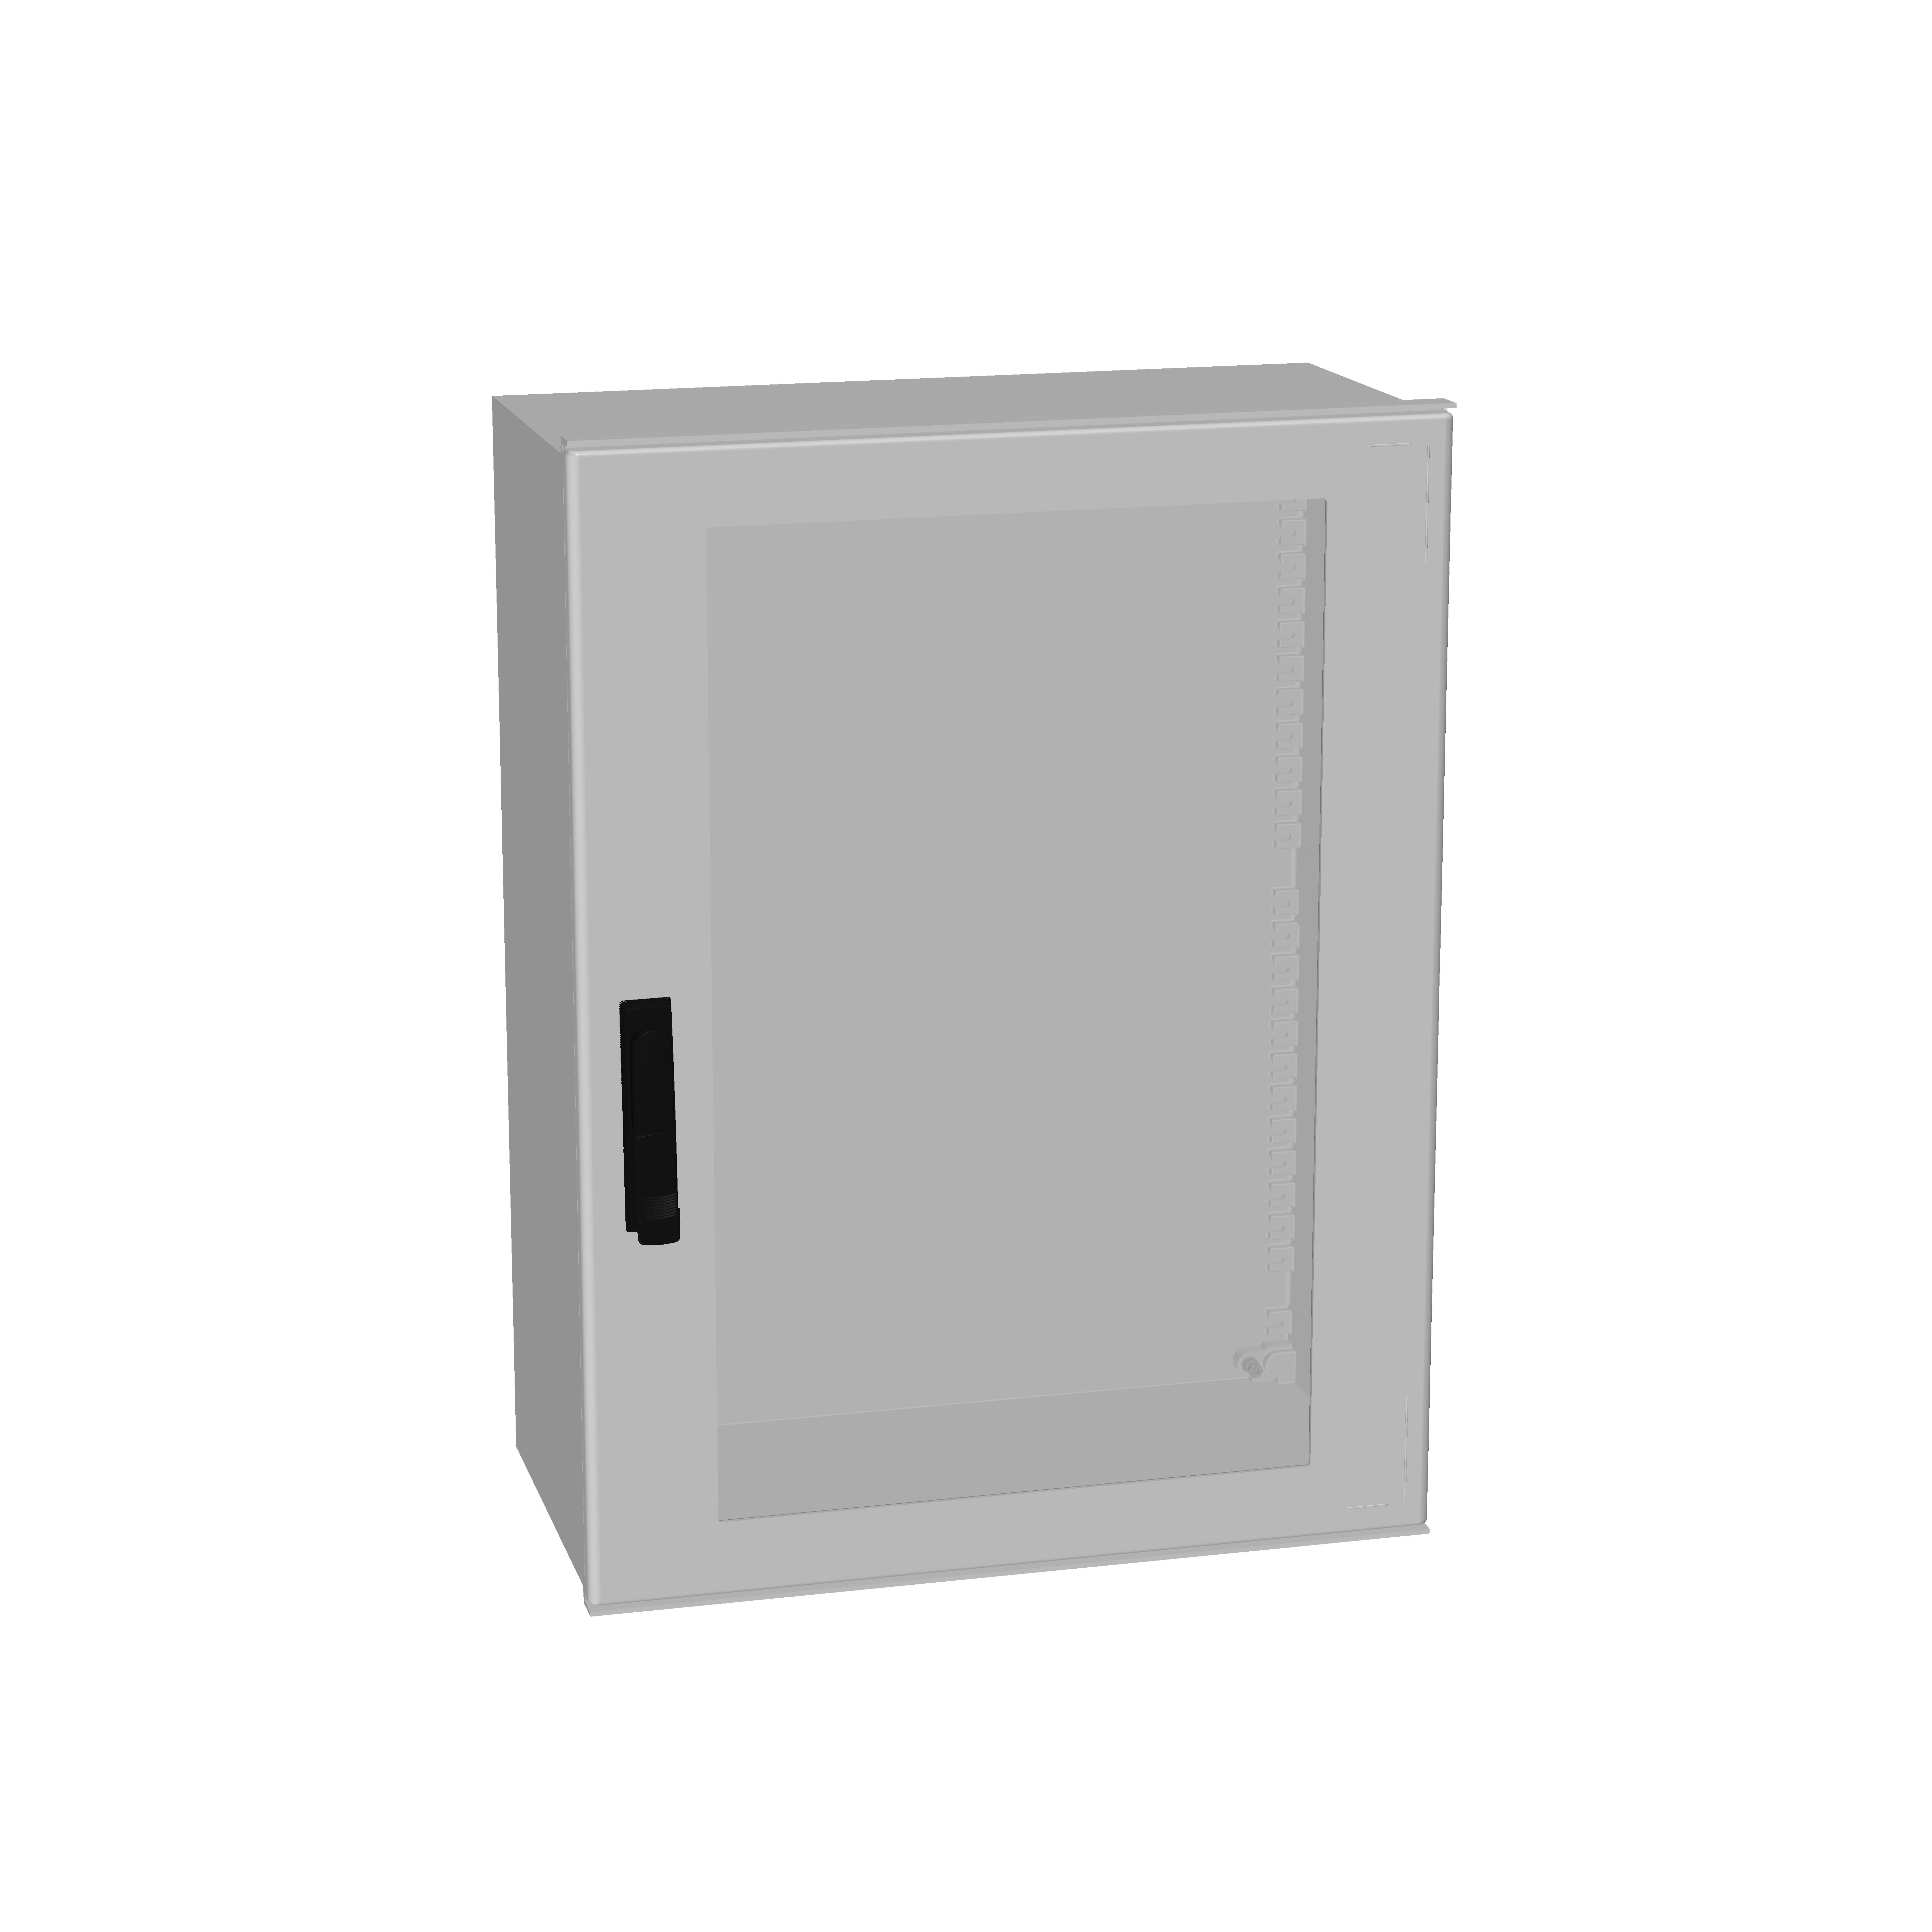 1 Stk Minipol-Wandschrank 3-Punkt Stangenverschl.+SF 800x600x300mm IM088986--